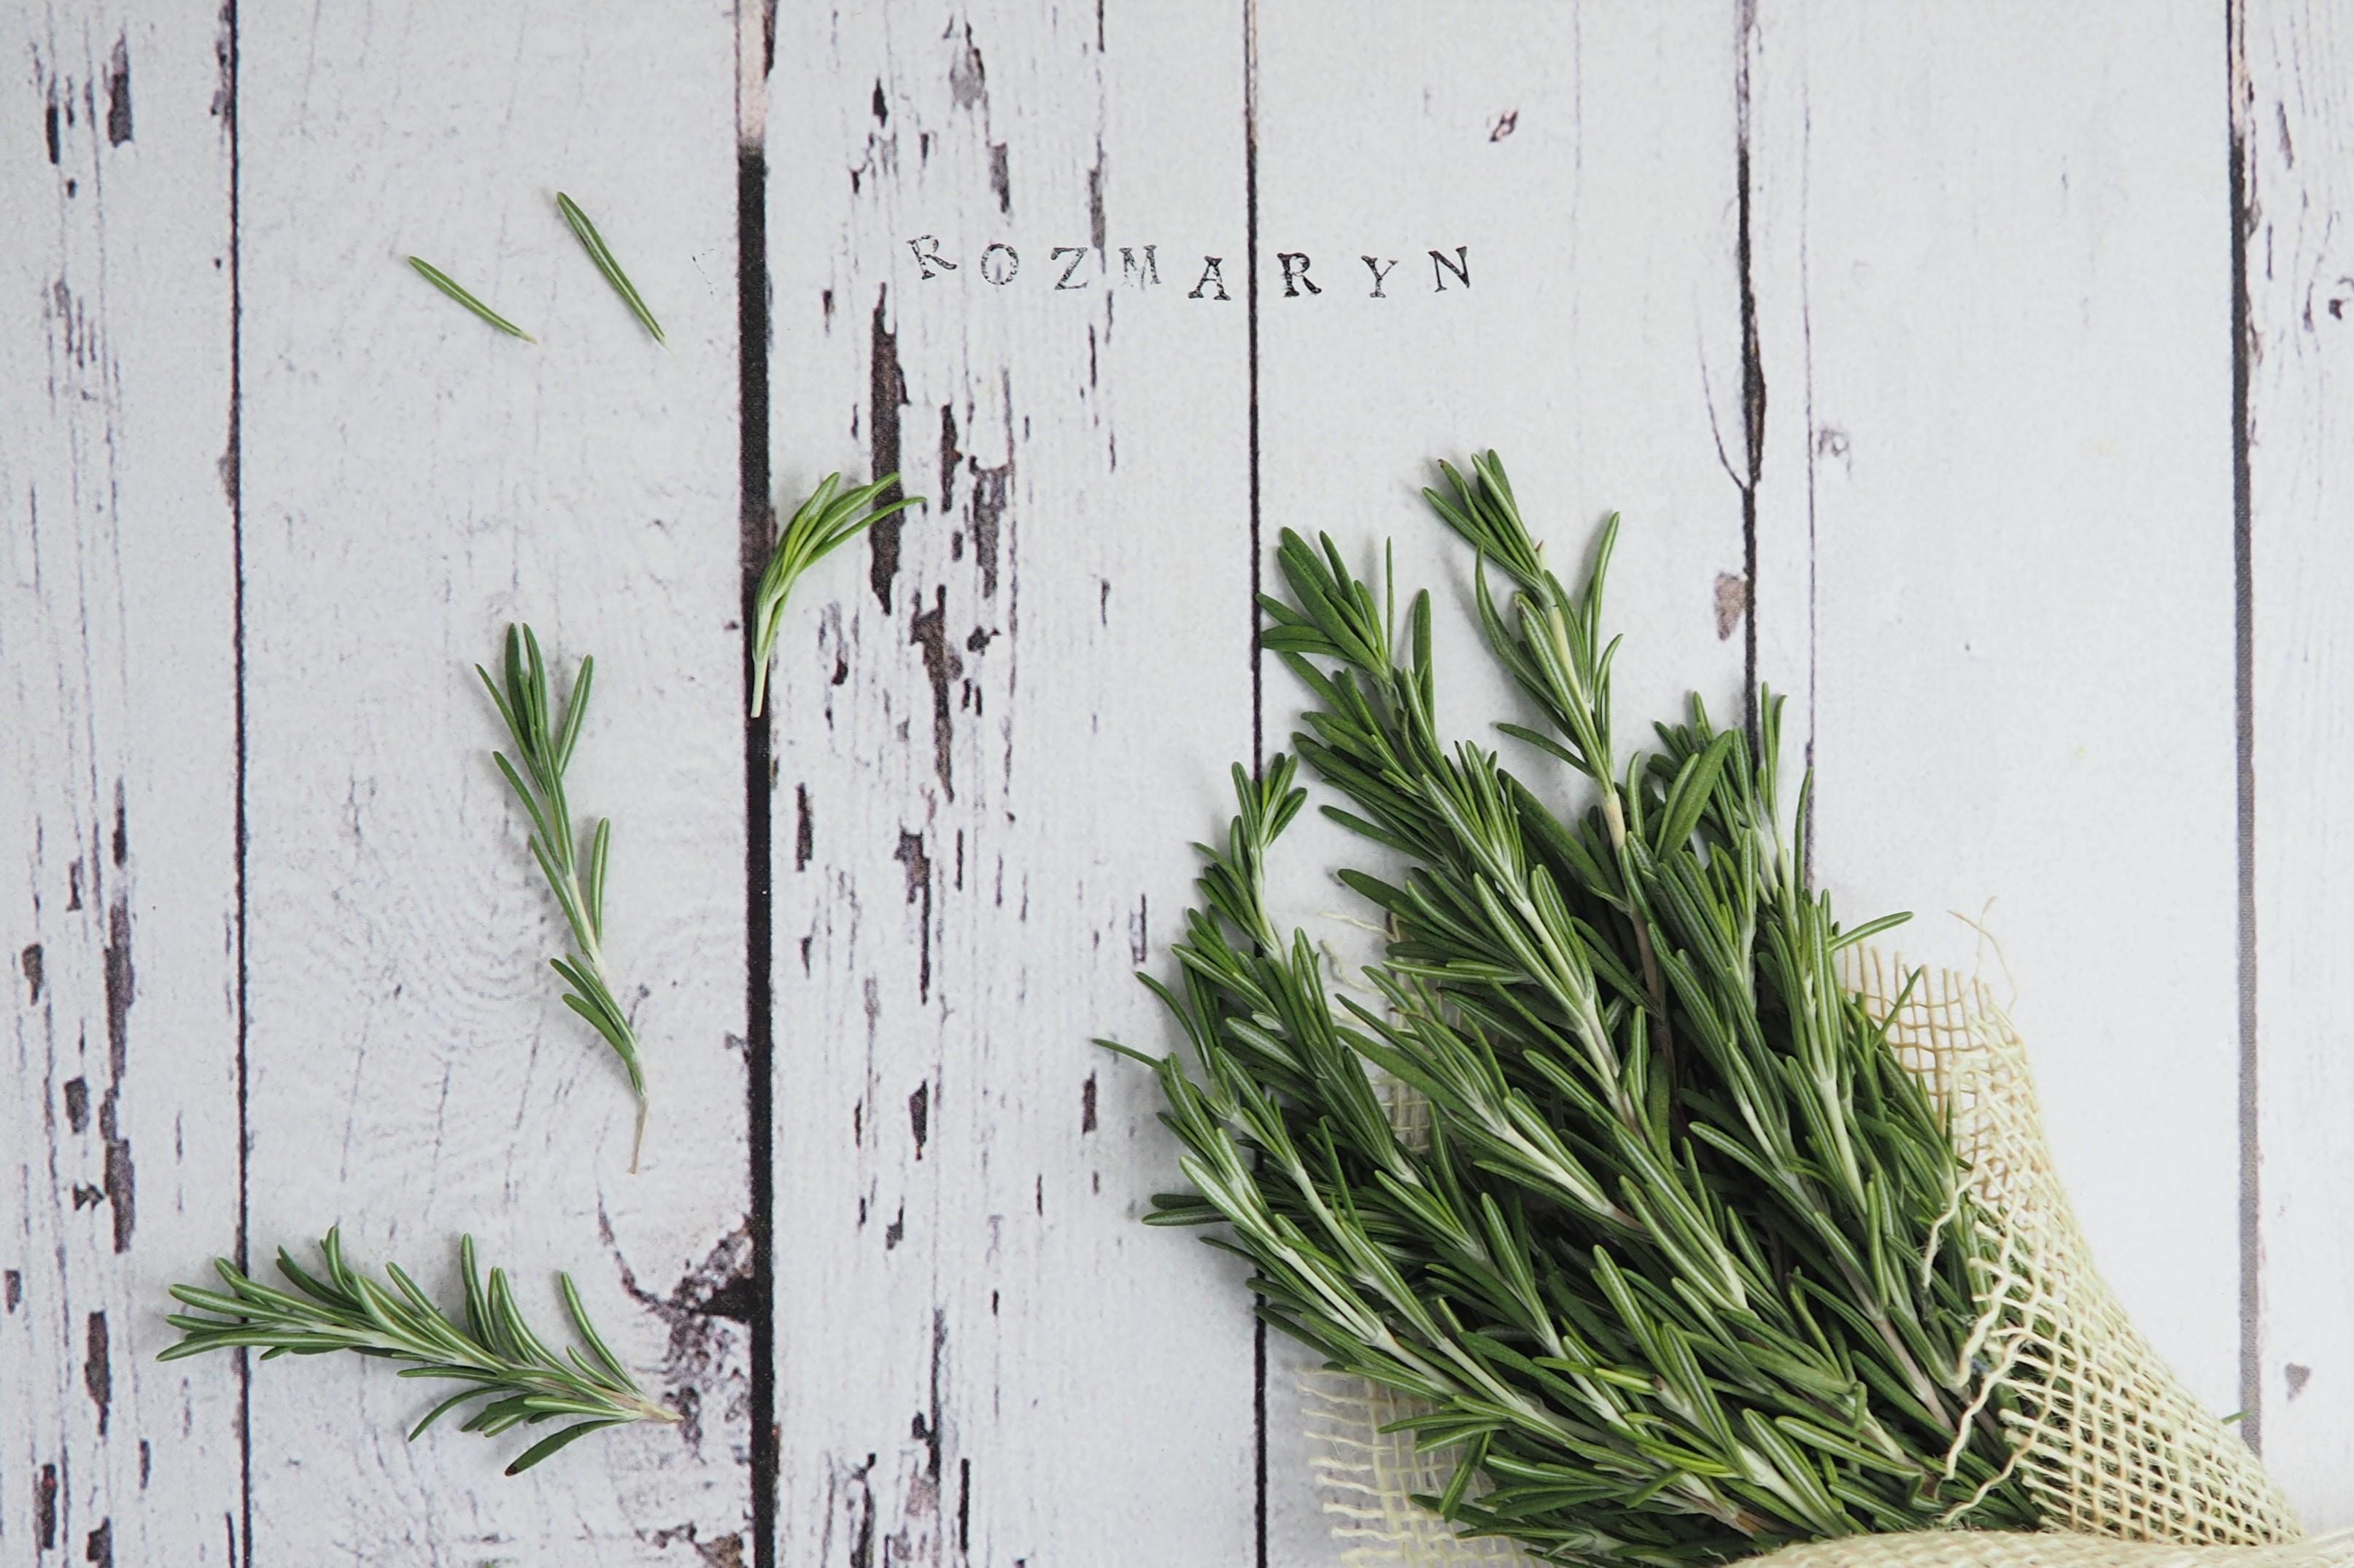 Rozmaryn – kulinarne zastosowania, prozdrowotne triki i dekoracje DIY